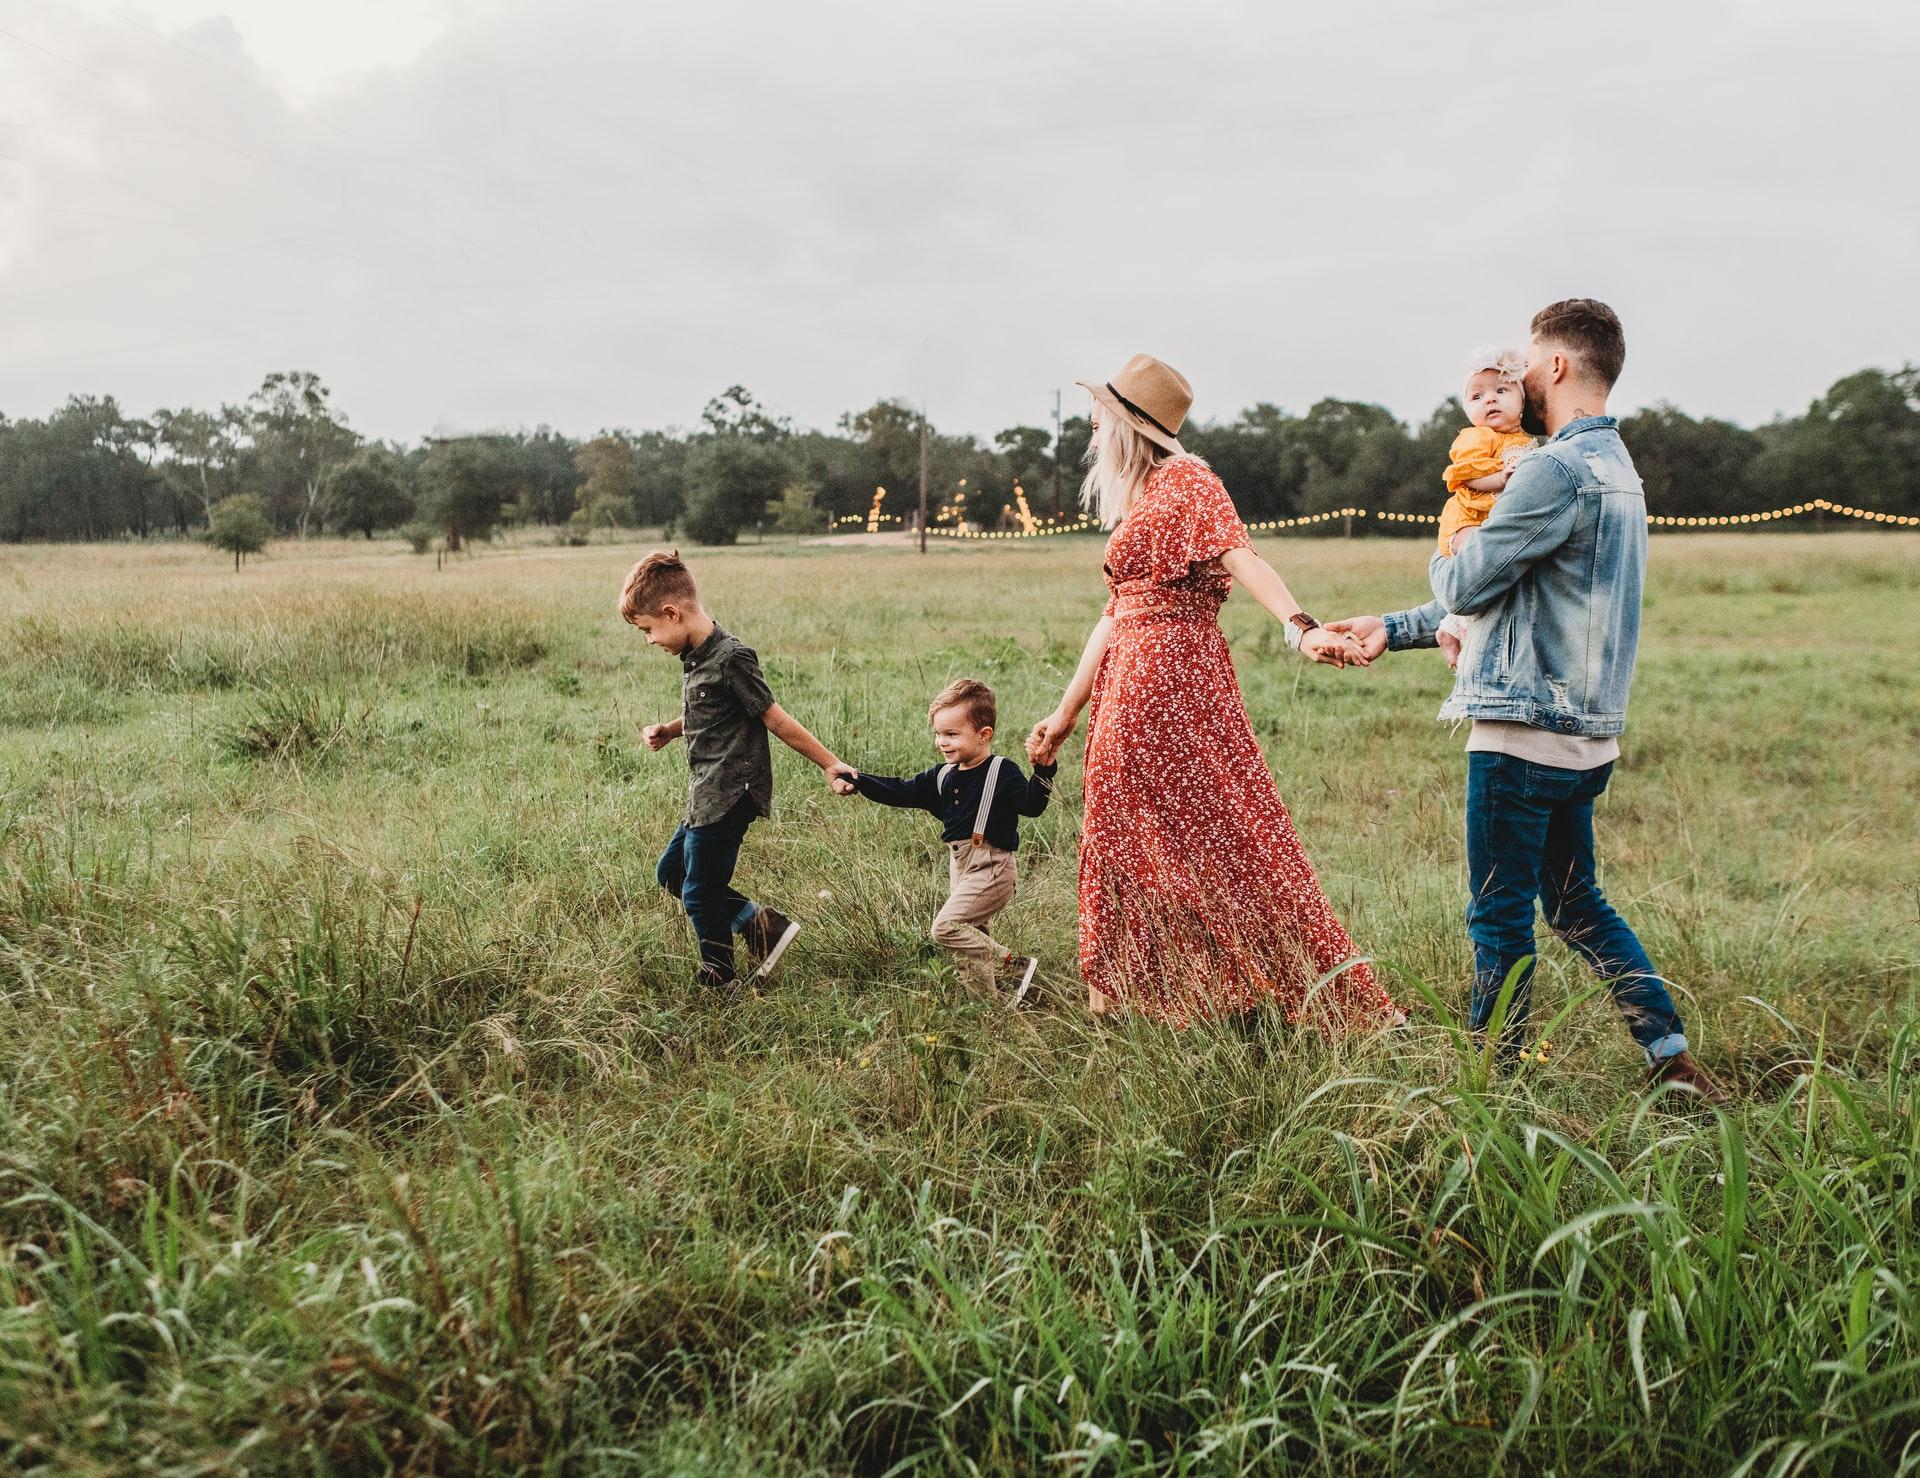 Страхование всей семьи от укуса клещей. Где лучше оформить онлайн